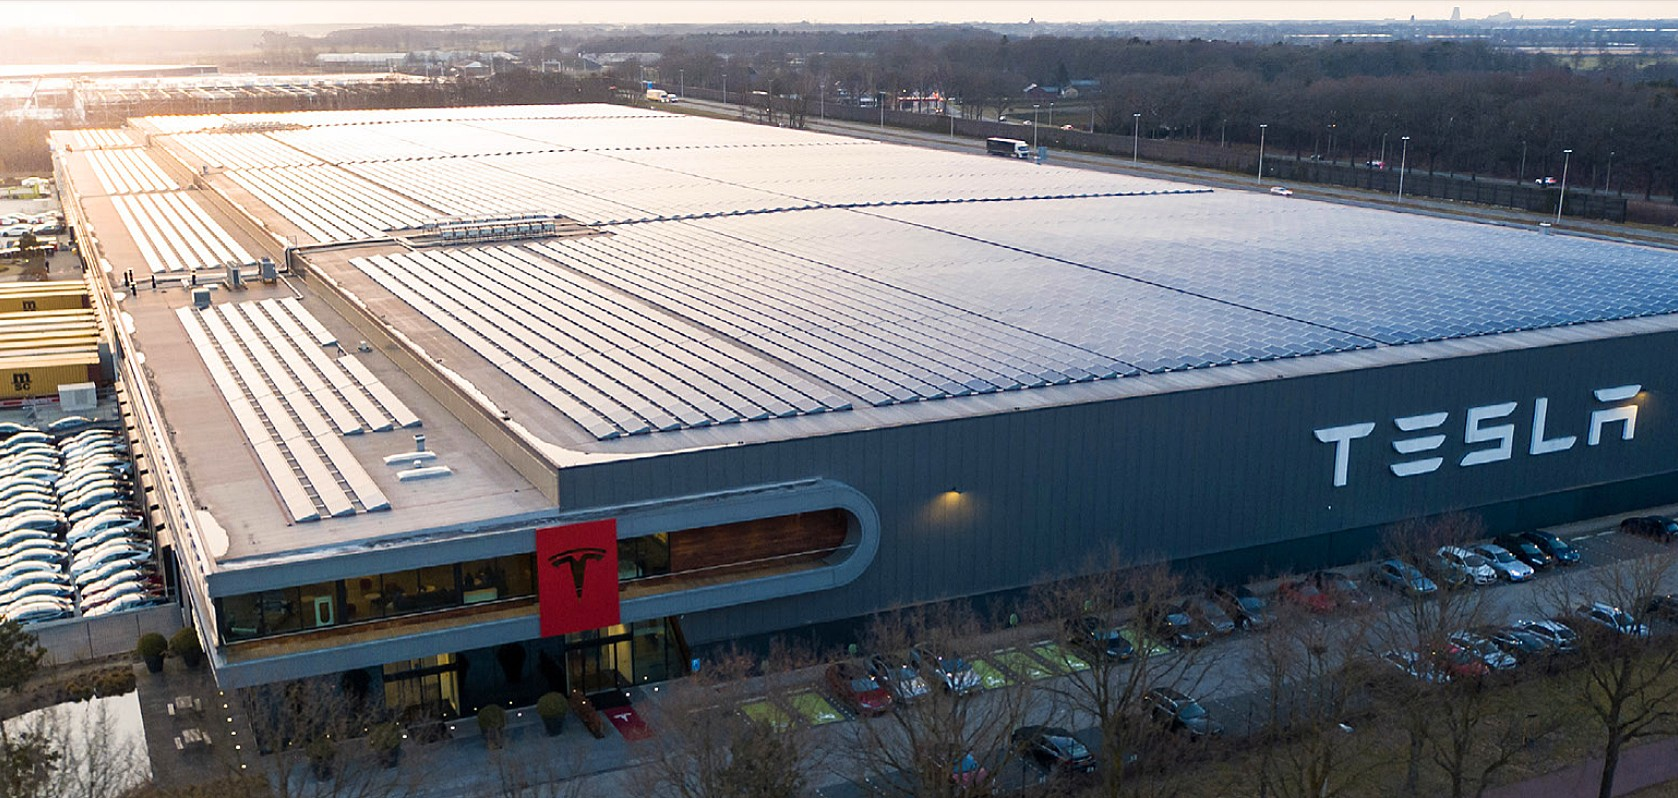 Tesla Gigafactory UK? Быстрая остановка Илона Маска в Англии породила слухи